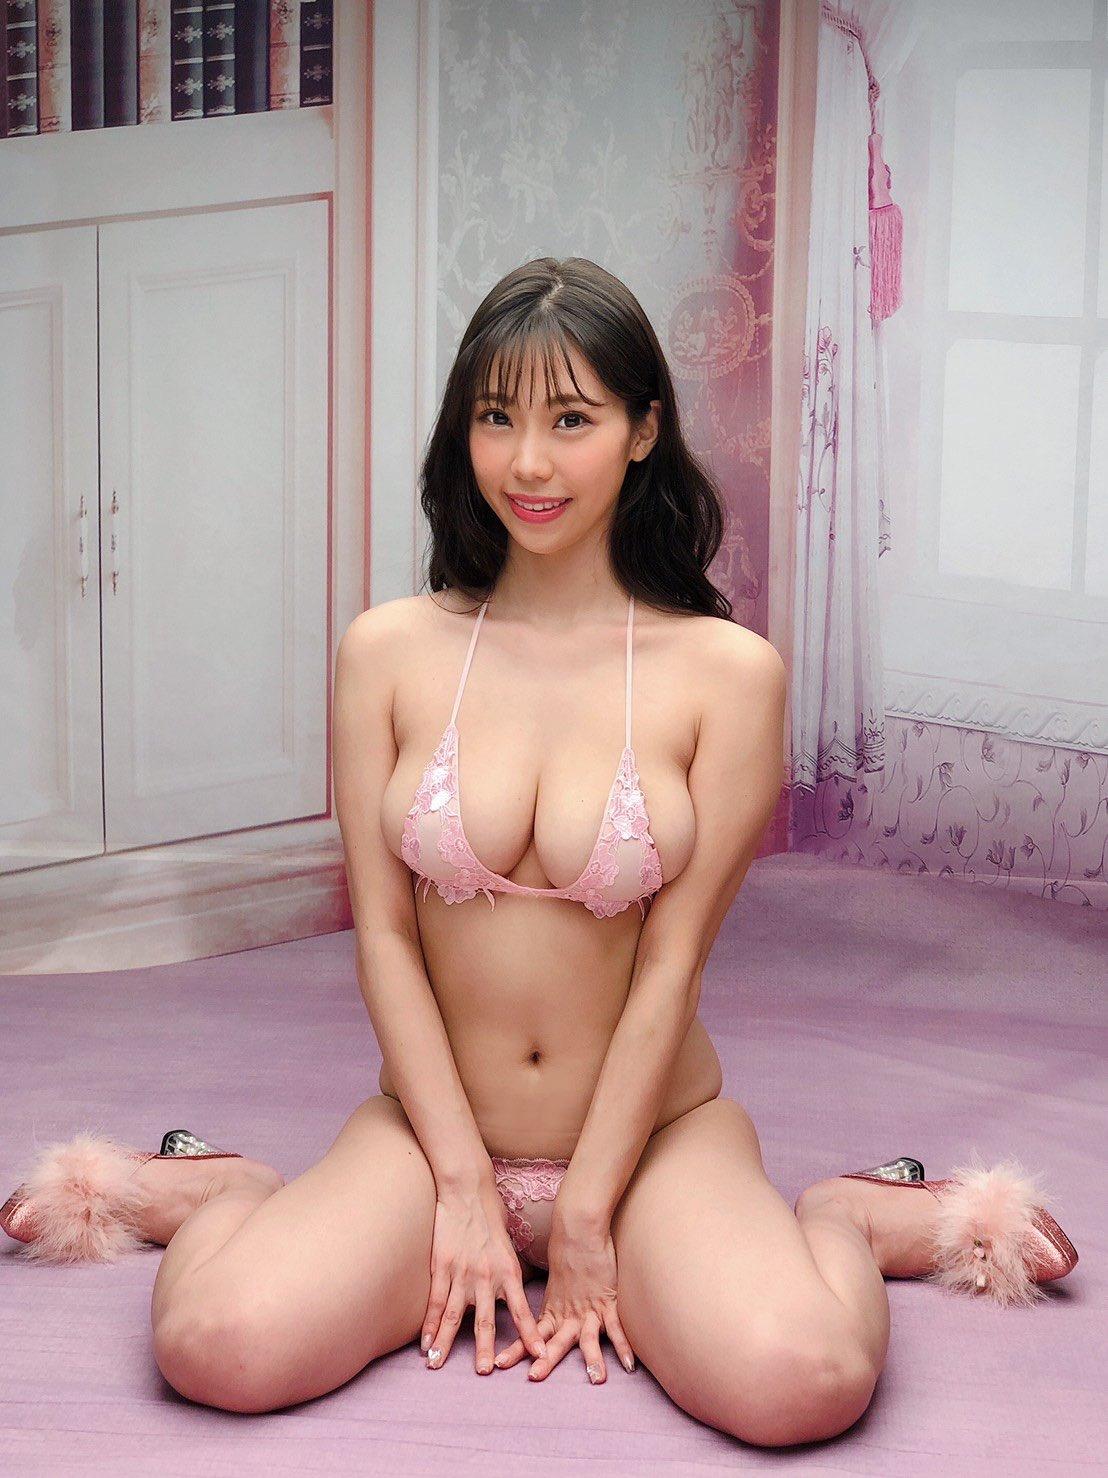 巨乳グラビアアイドル 58